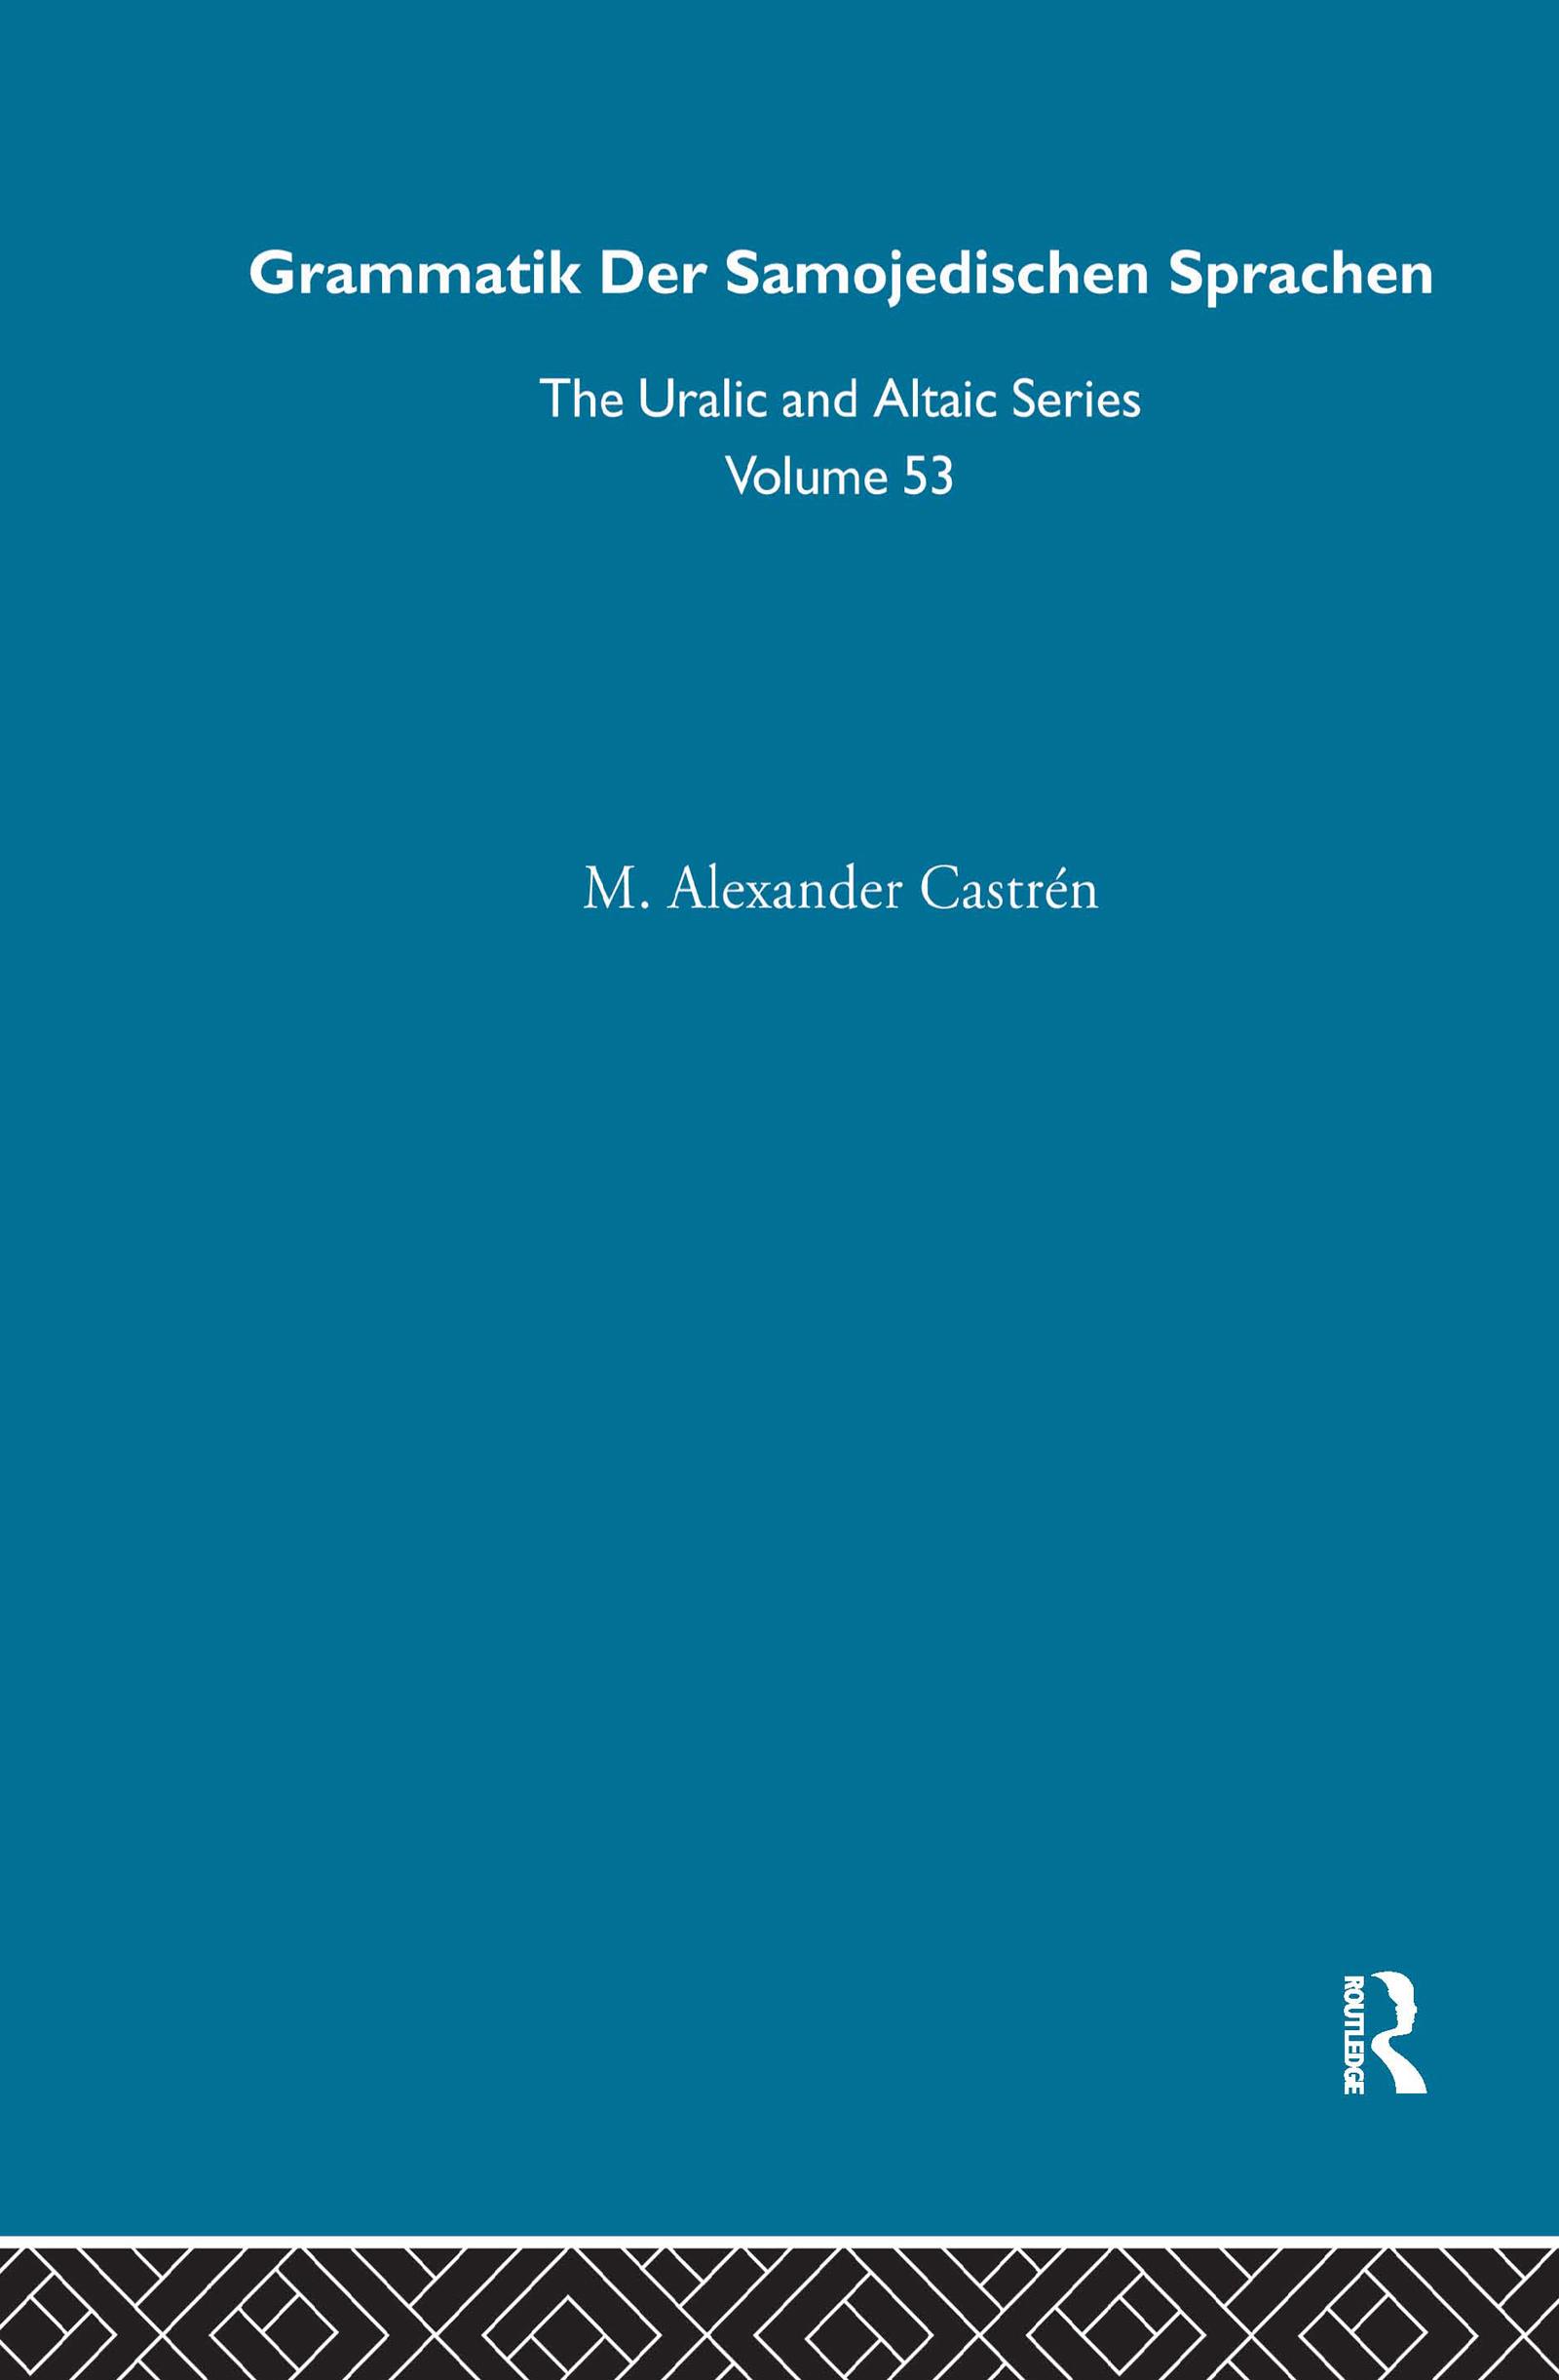 Grammatik der Samojedischen Sprachen (Hardback) book cover